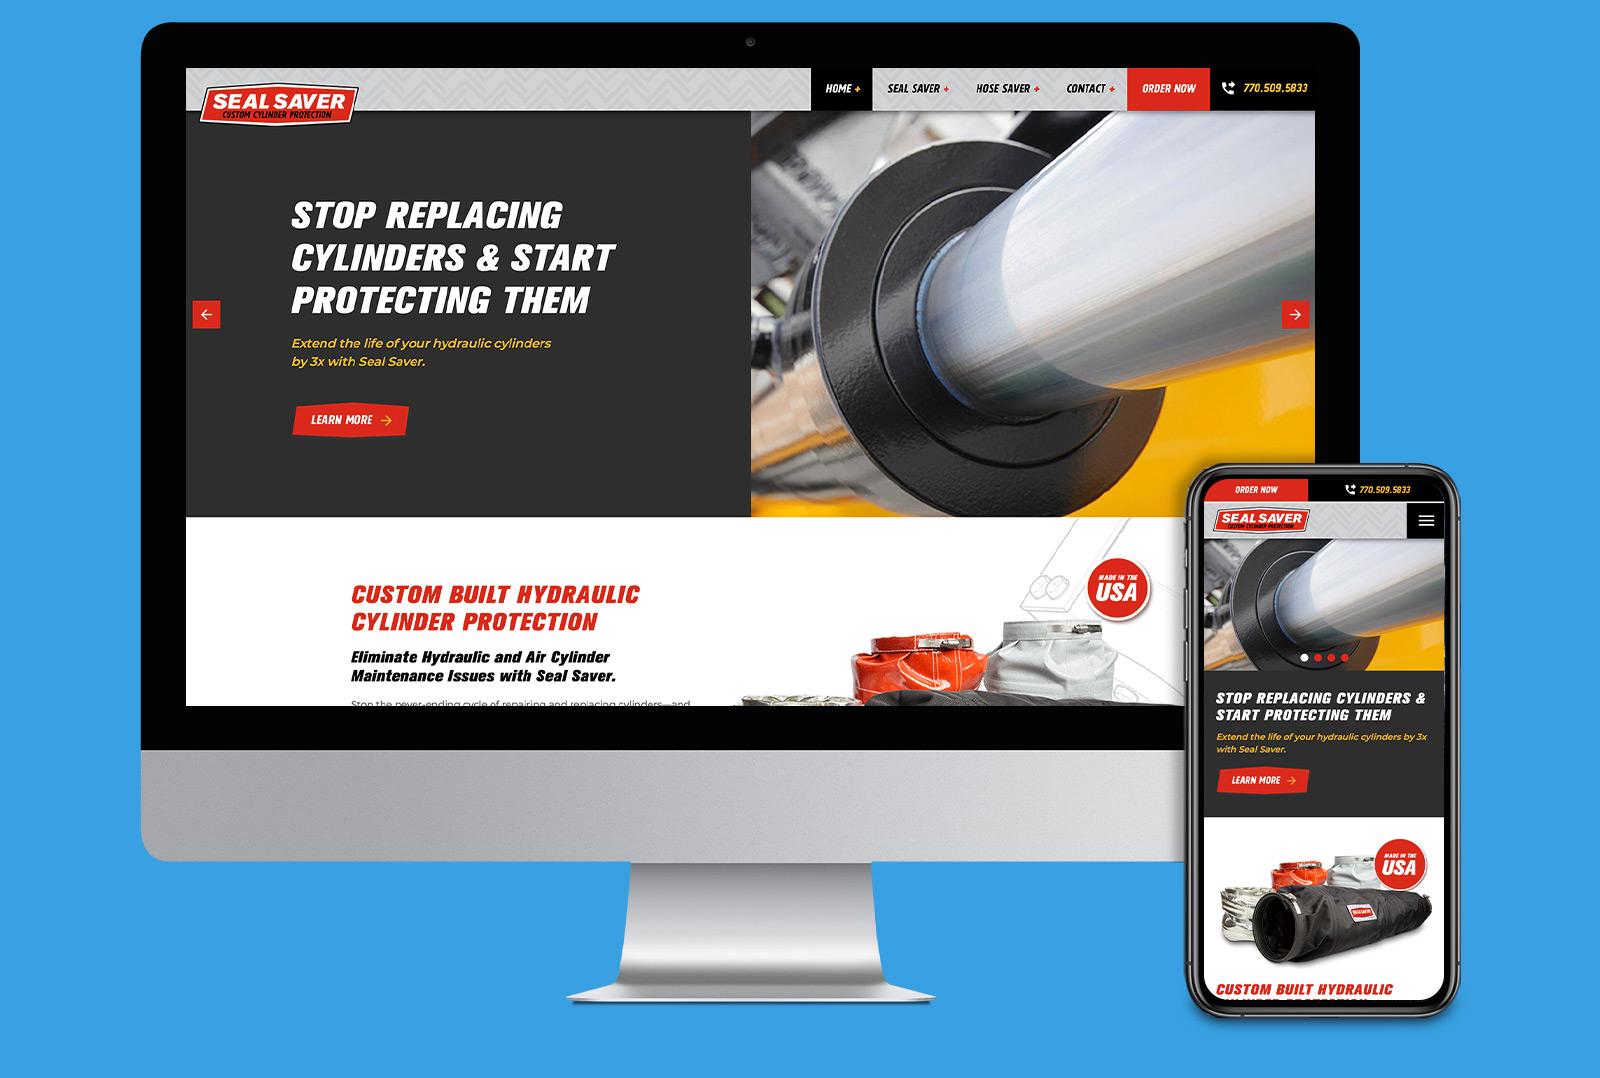 Seal Saver website landing page on desktop and mobile